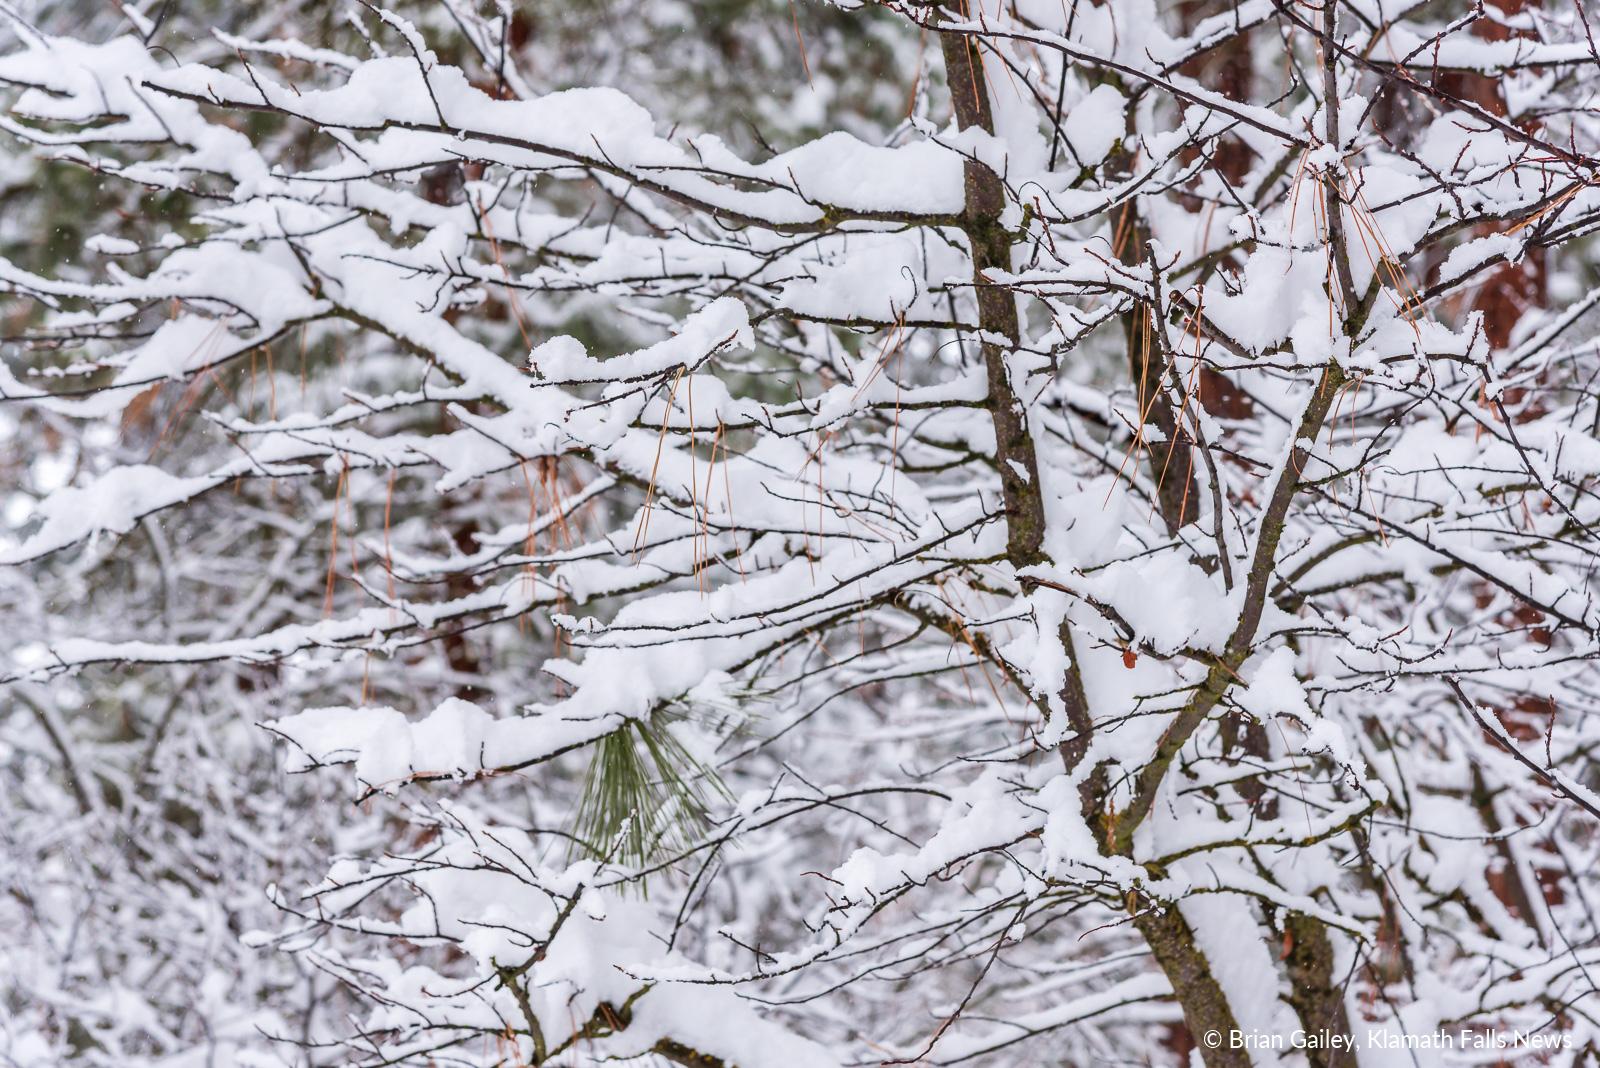 20190213-Snow-KFN-7836.jpg